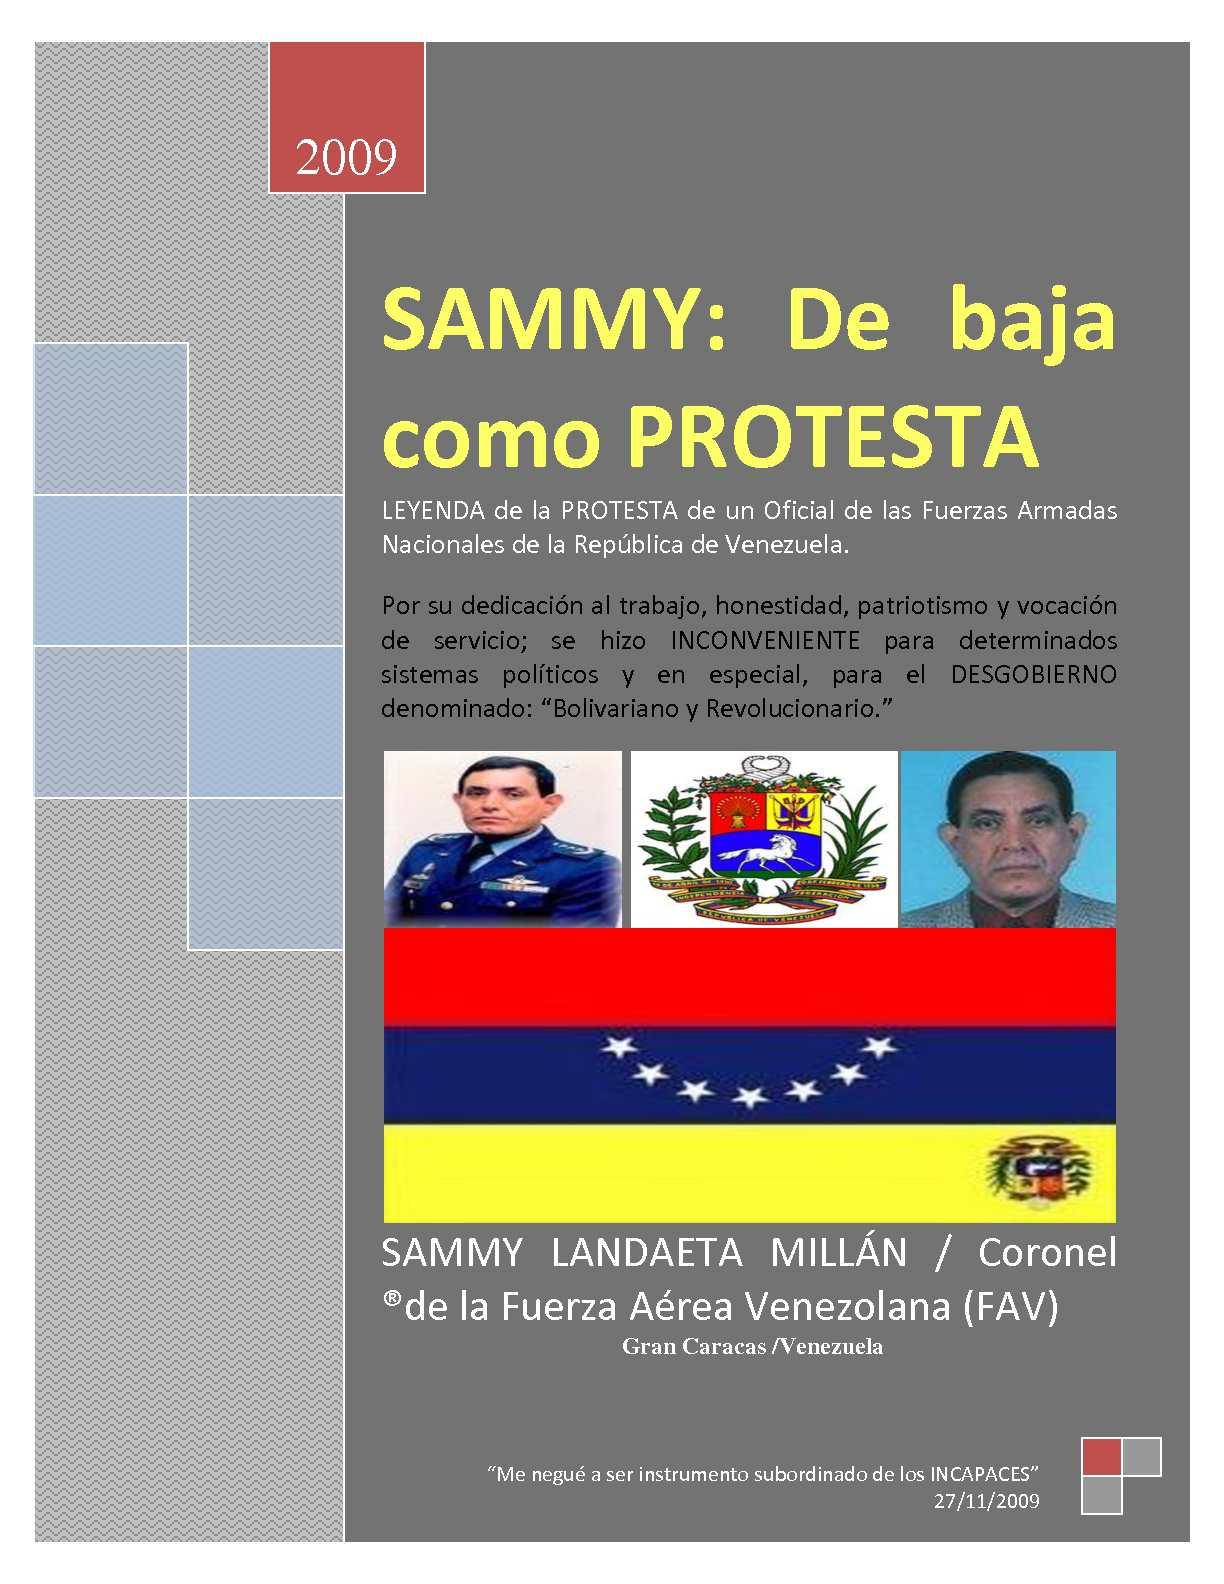 Calaméo - SAMMY  De baja como PROTESTA 40692ee0093dd